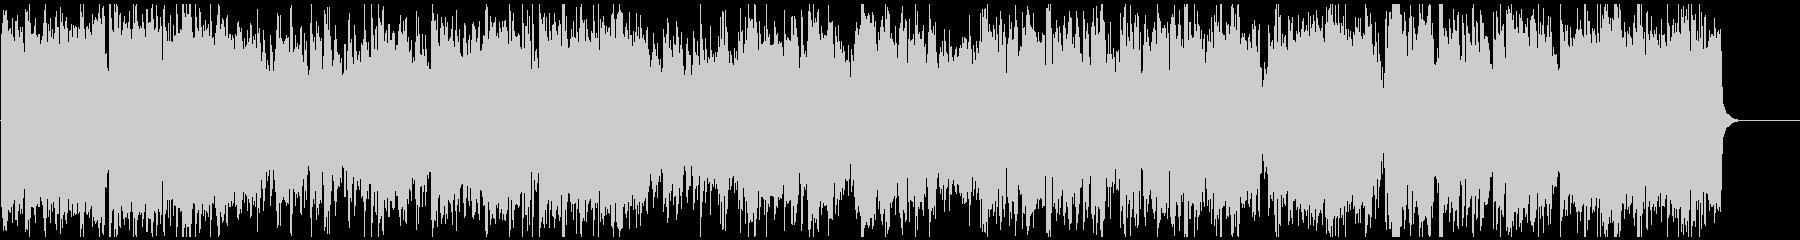 ジャズ+ドラムンベース 疾走感ある生音系の未再生の波形